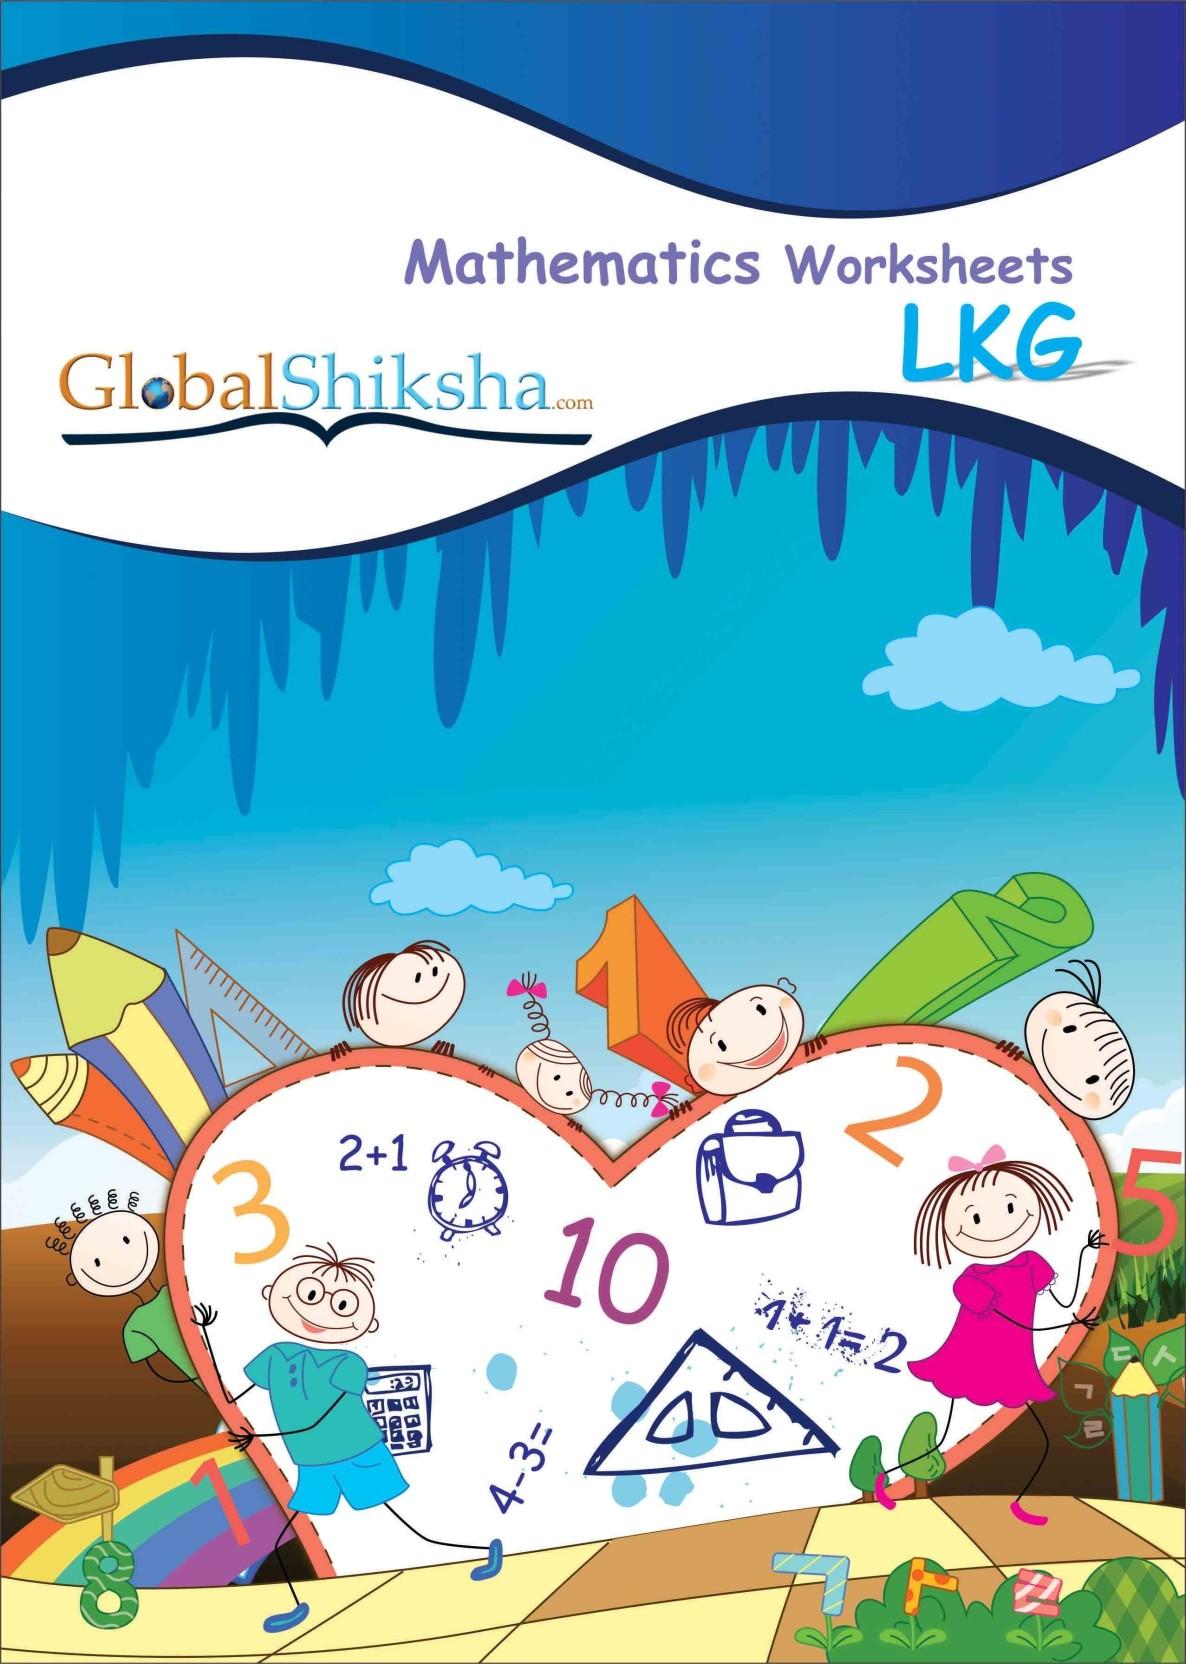 Worksheets For LKG - Maths: Buy Worksheets For LKG - Maths by Global ...